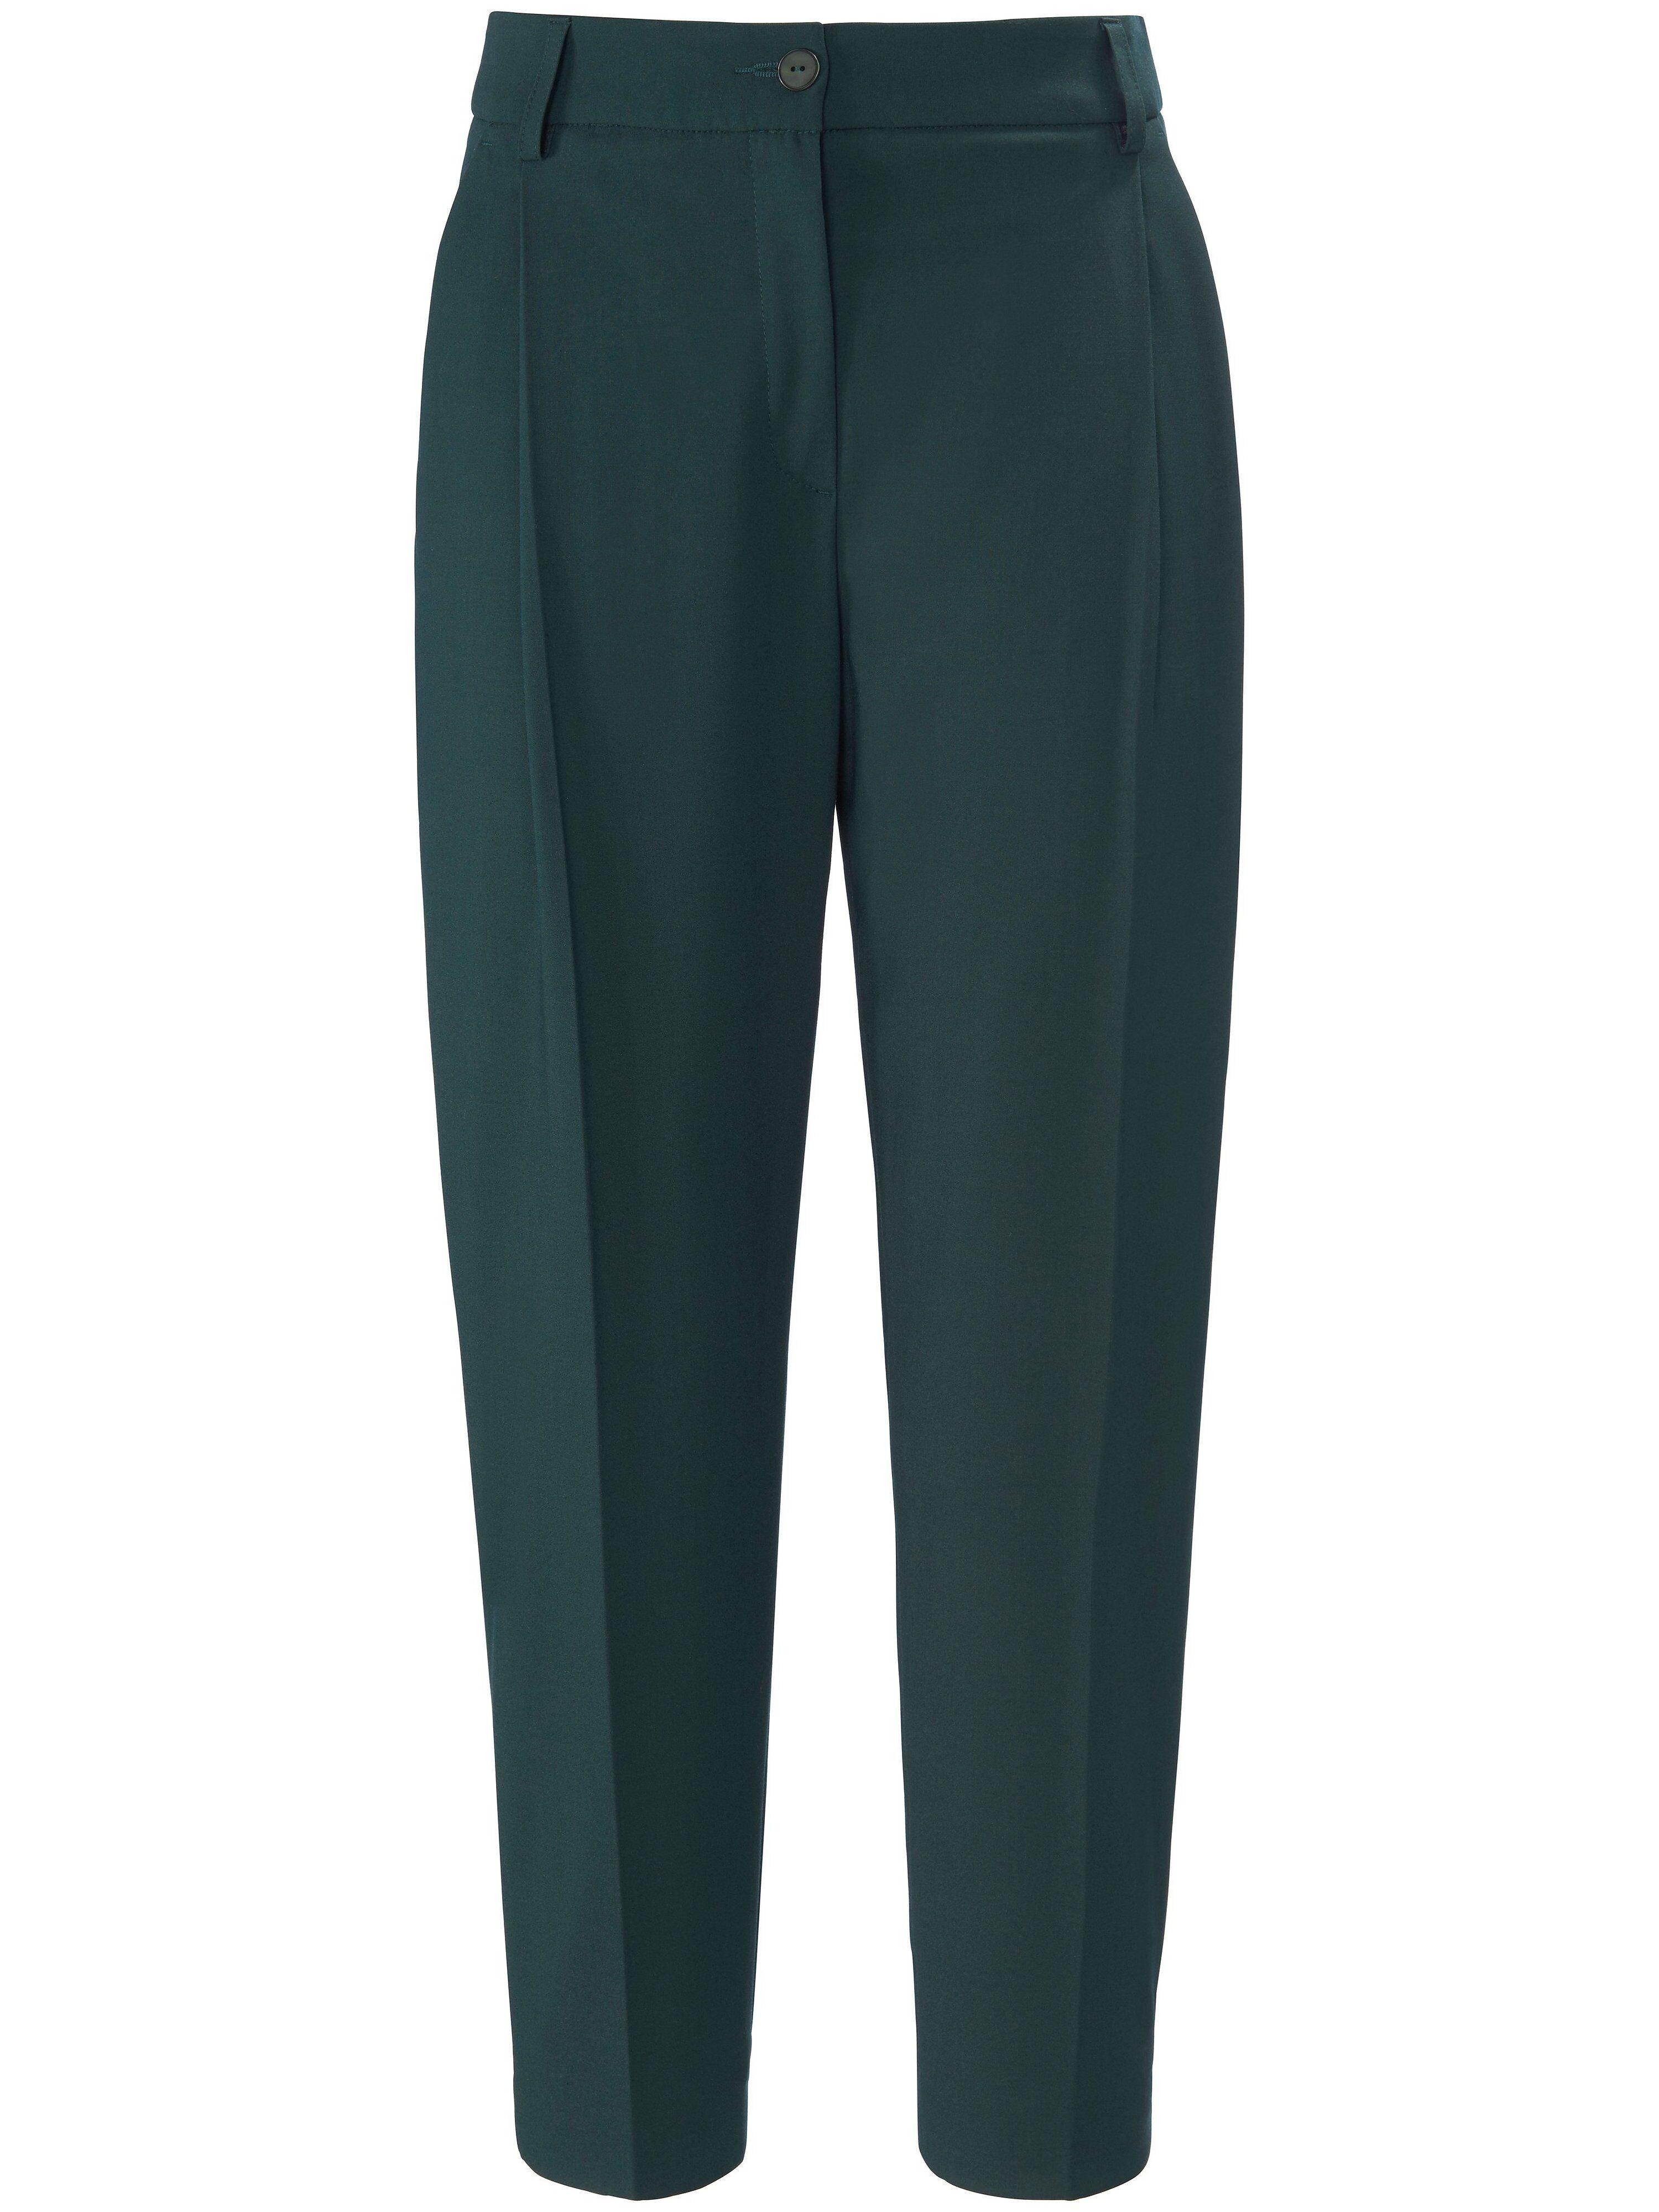 DAY.LIKE Le pantalon à pinces longueur chevilles Wide Fit  DAY.LIKE vert  - Femme - 22